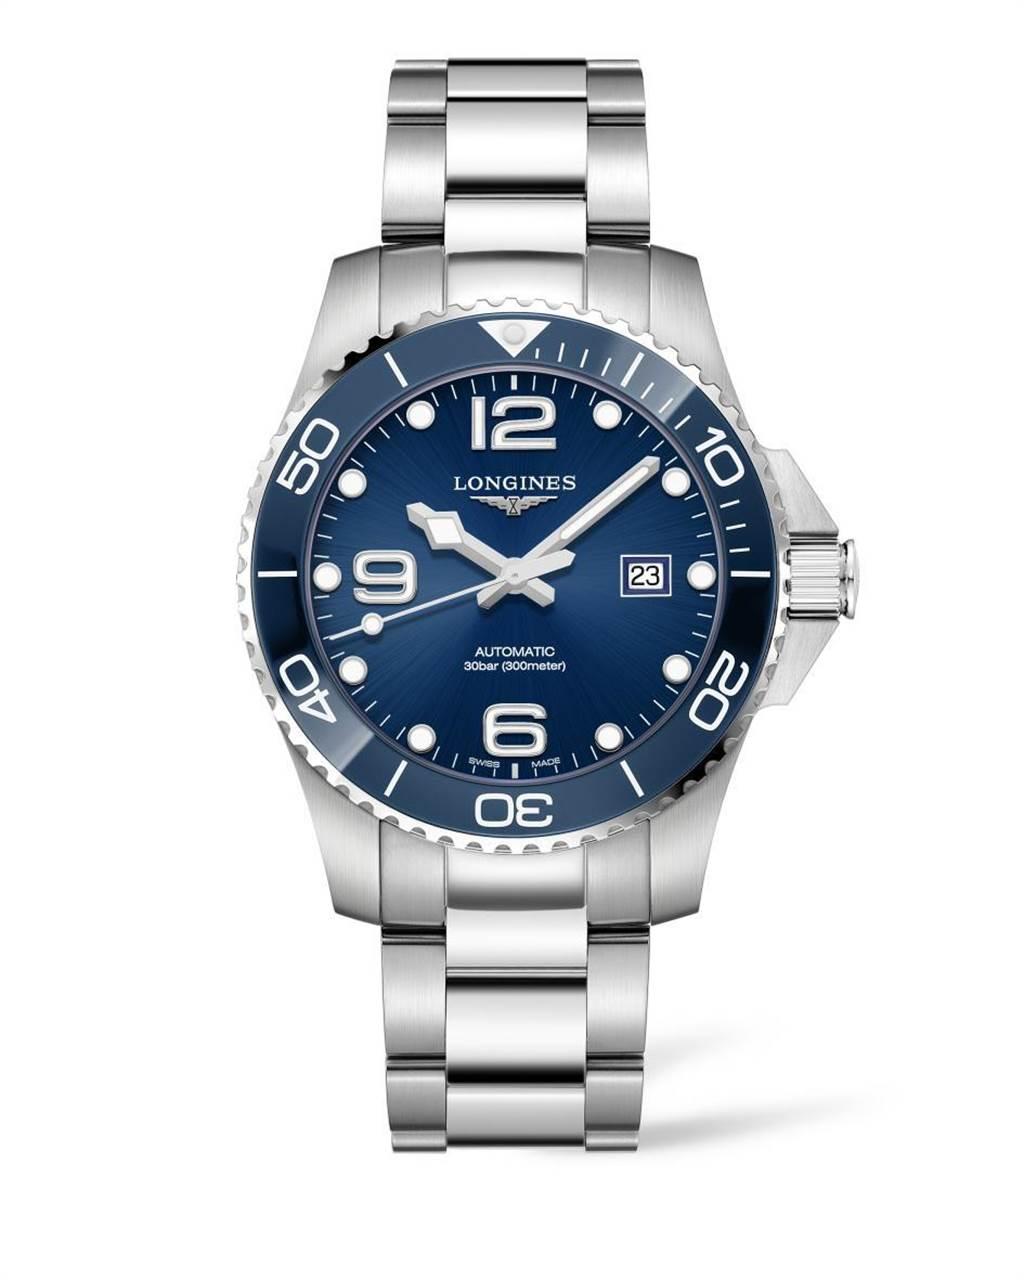 浪琴表HydroConquest深海征服者系列藍色陶瓷圈腕表,5萬1900元。(Longines提供)